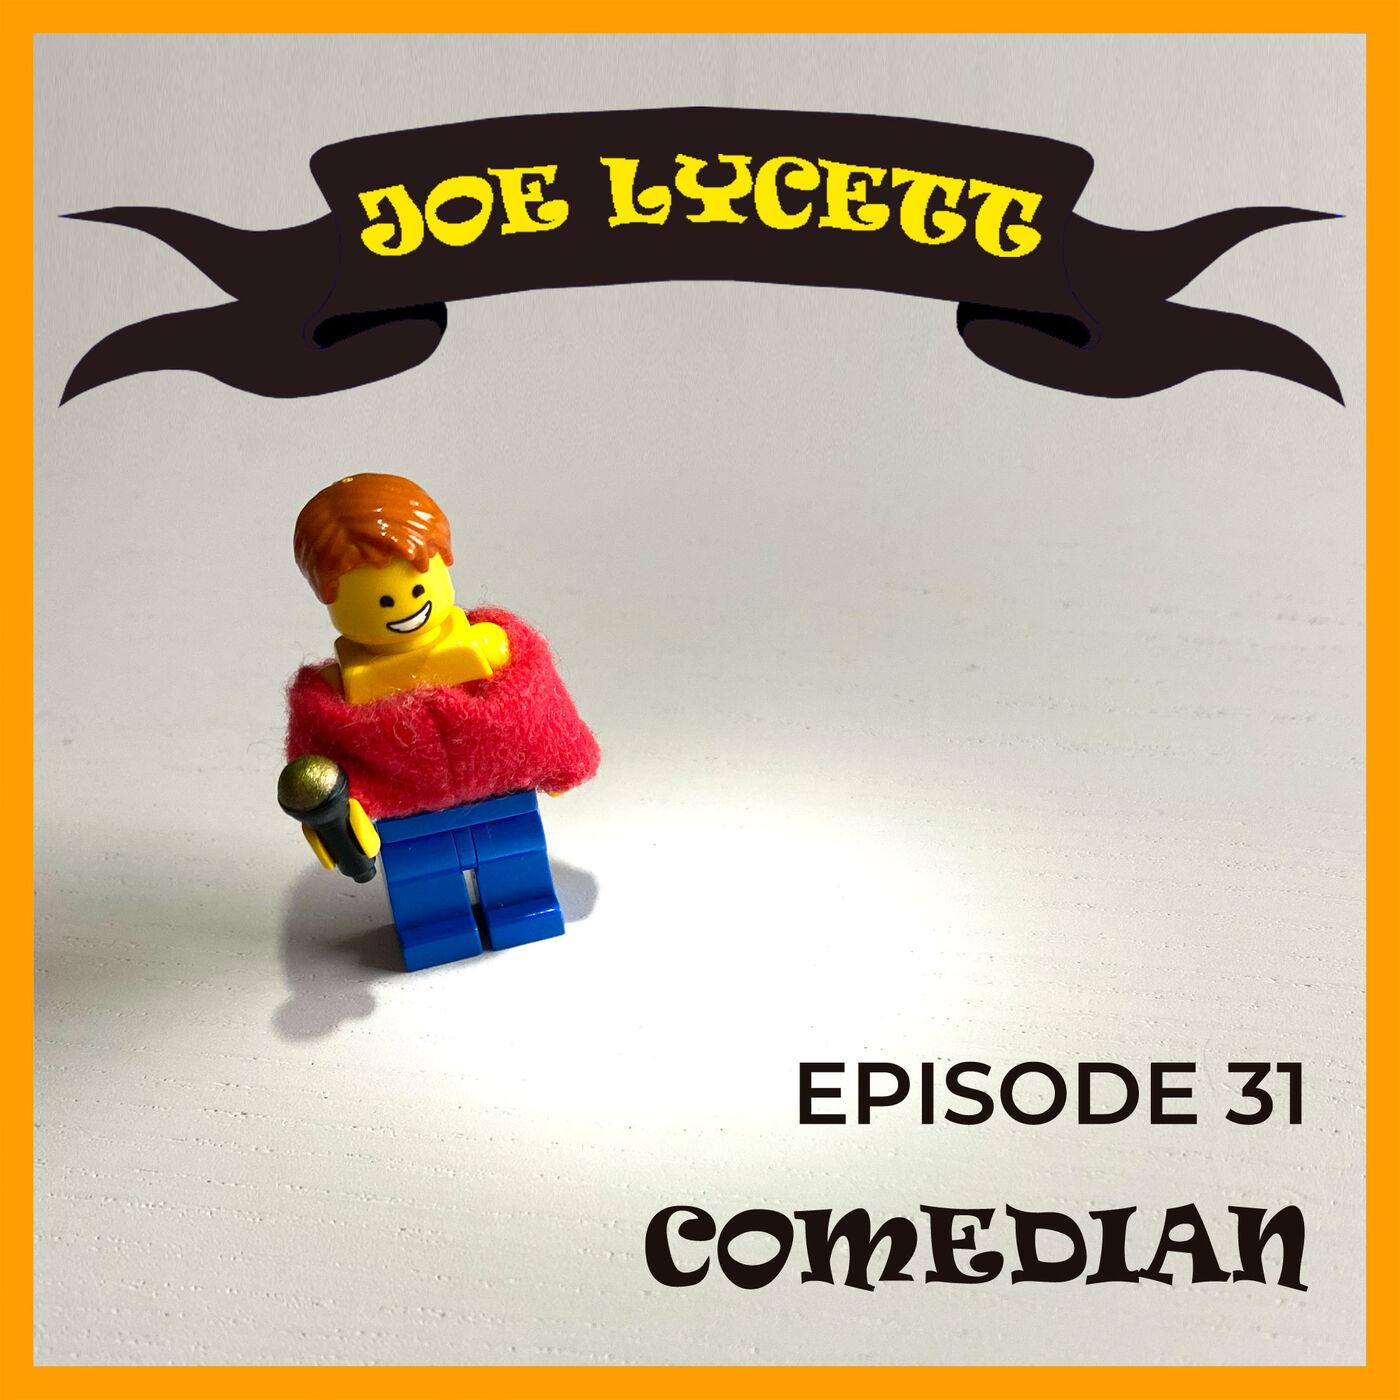 The Comedian - Joe Lycett